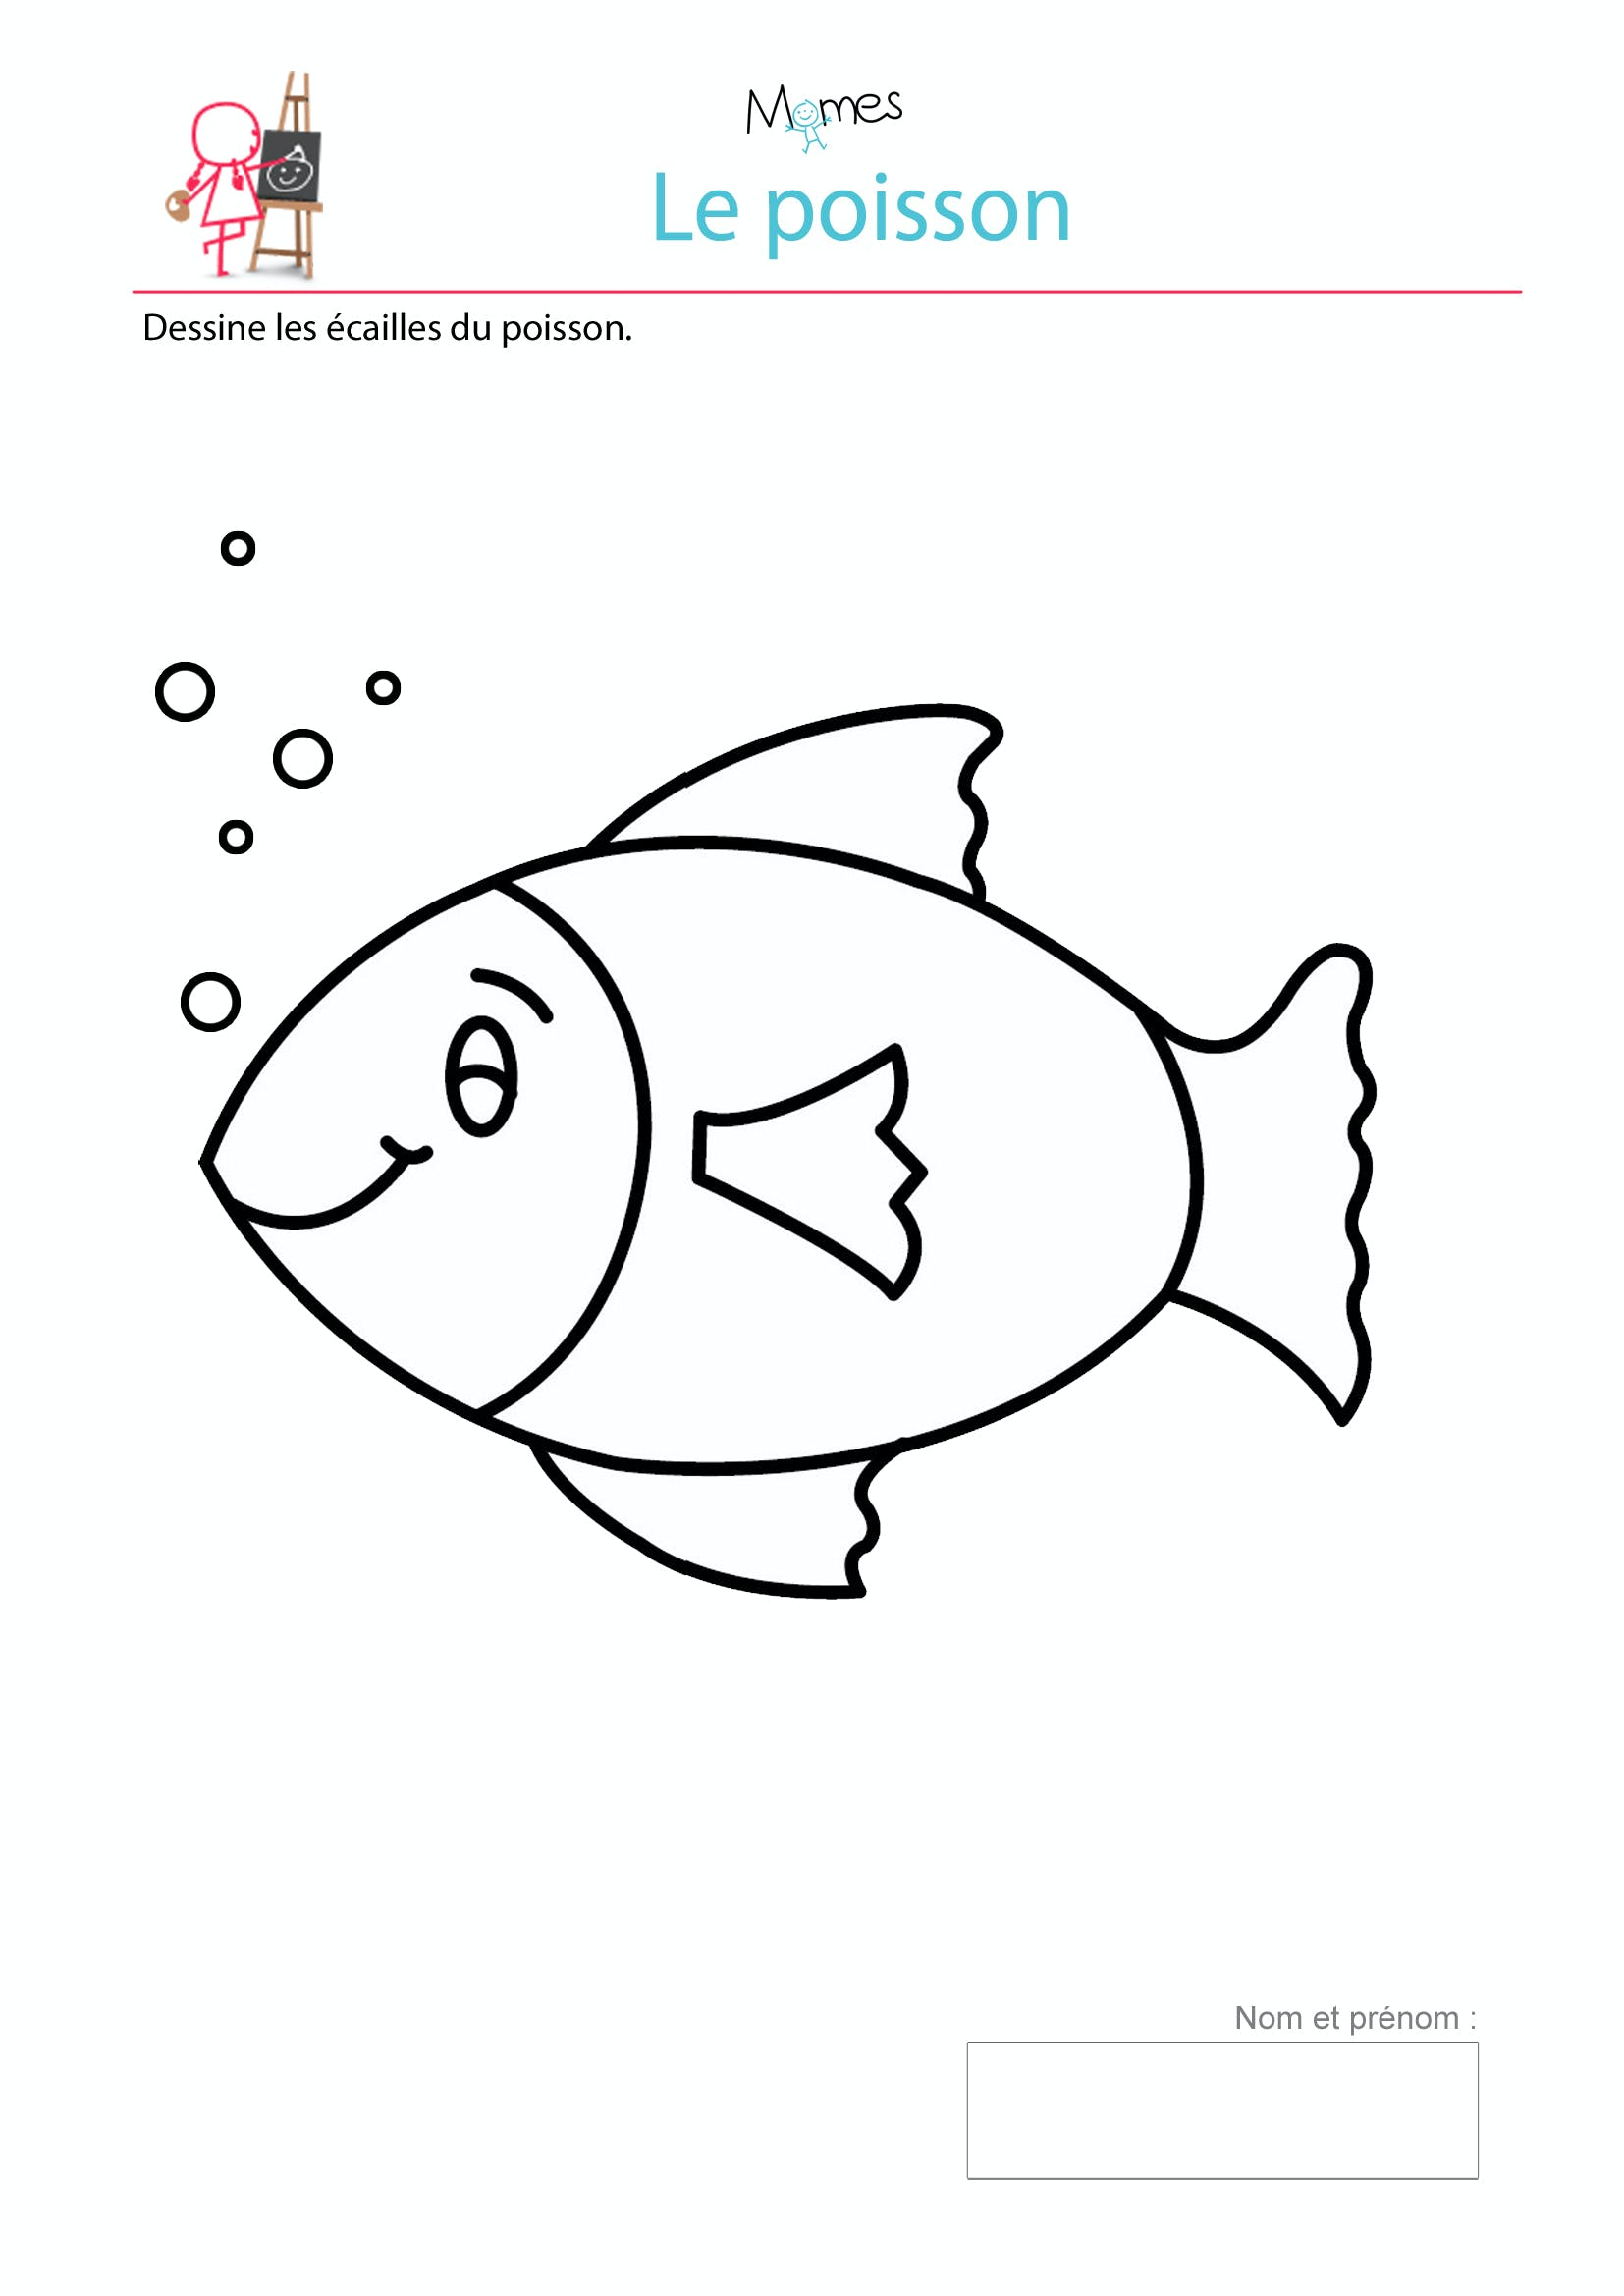 Mod le de poisson imprimer dessiner les cailles - Image de poisson a imprimer ...